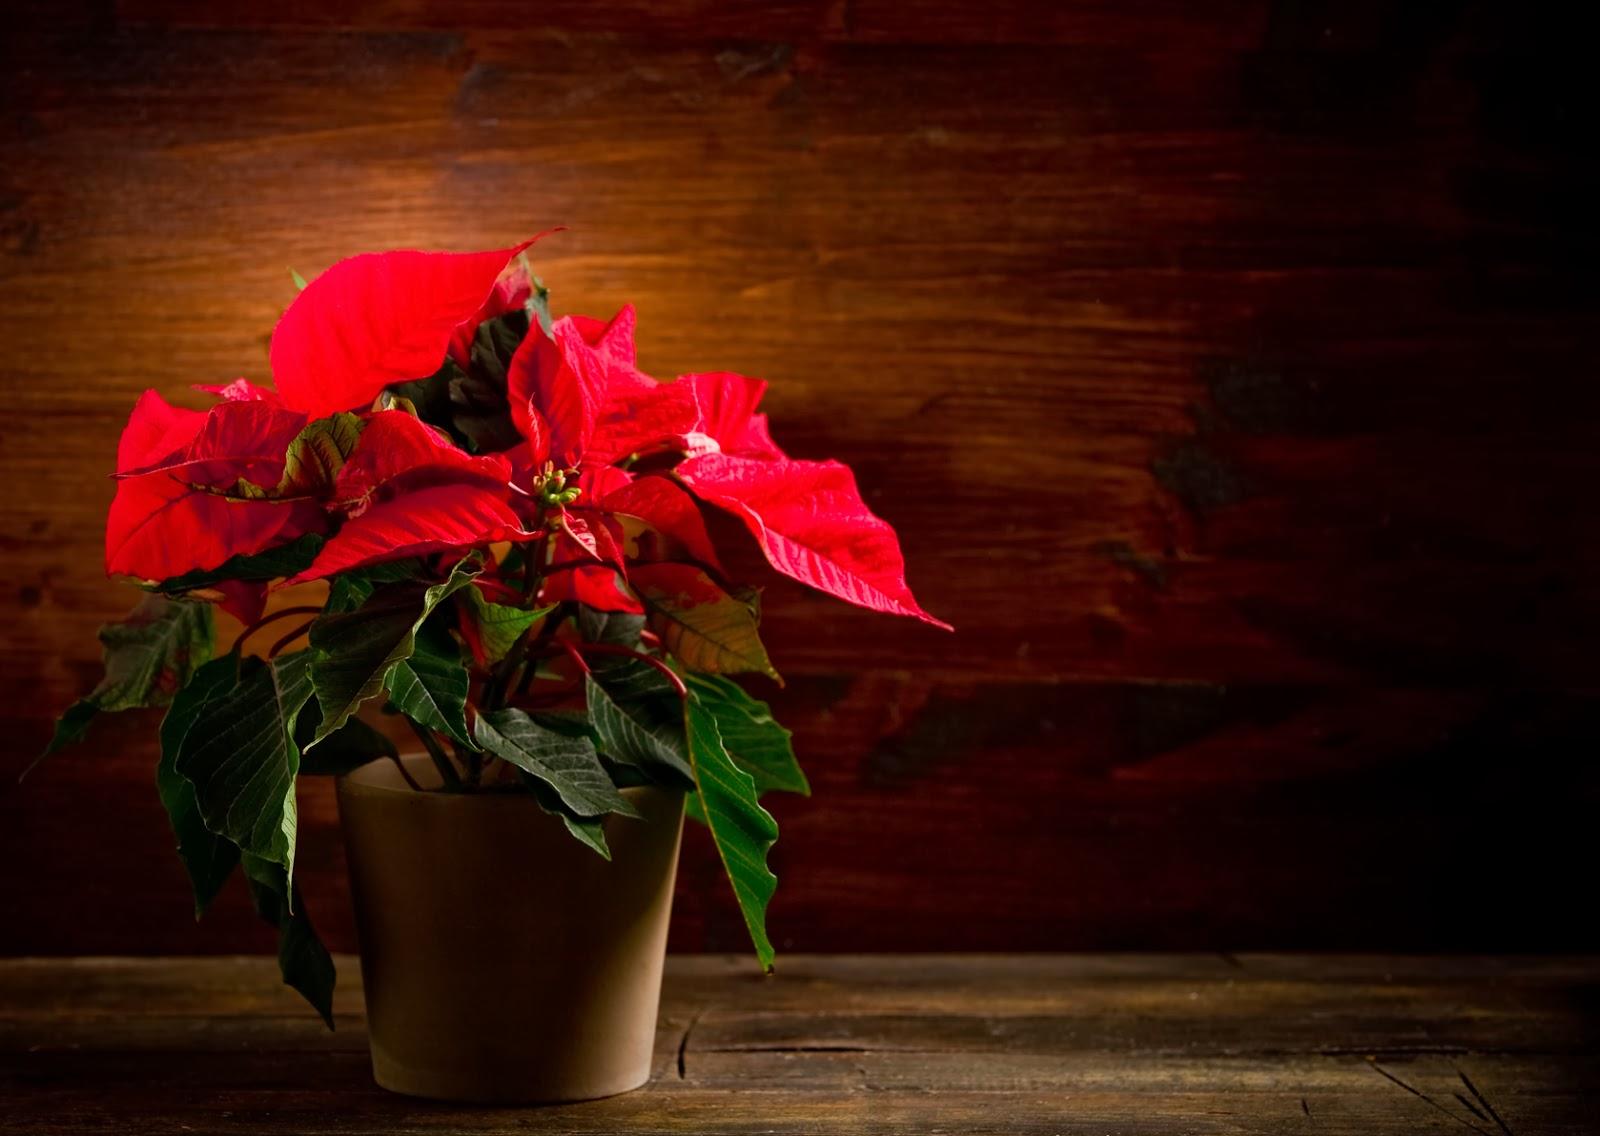 Banco De Imágenes Gratis 20 Imágenes De Nochebuenas